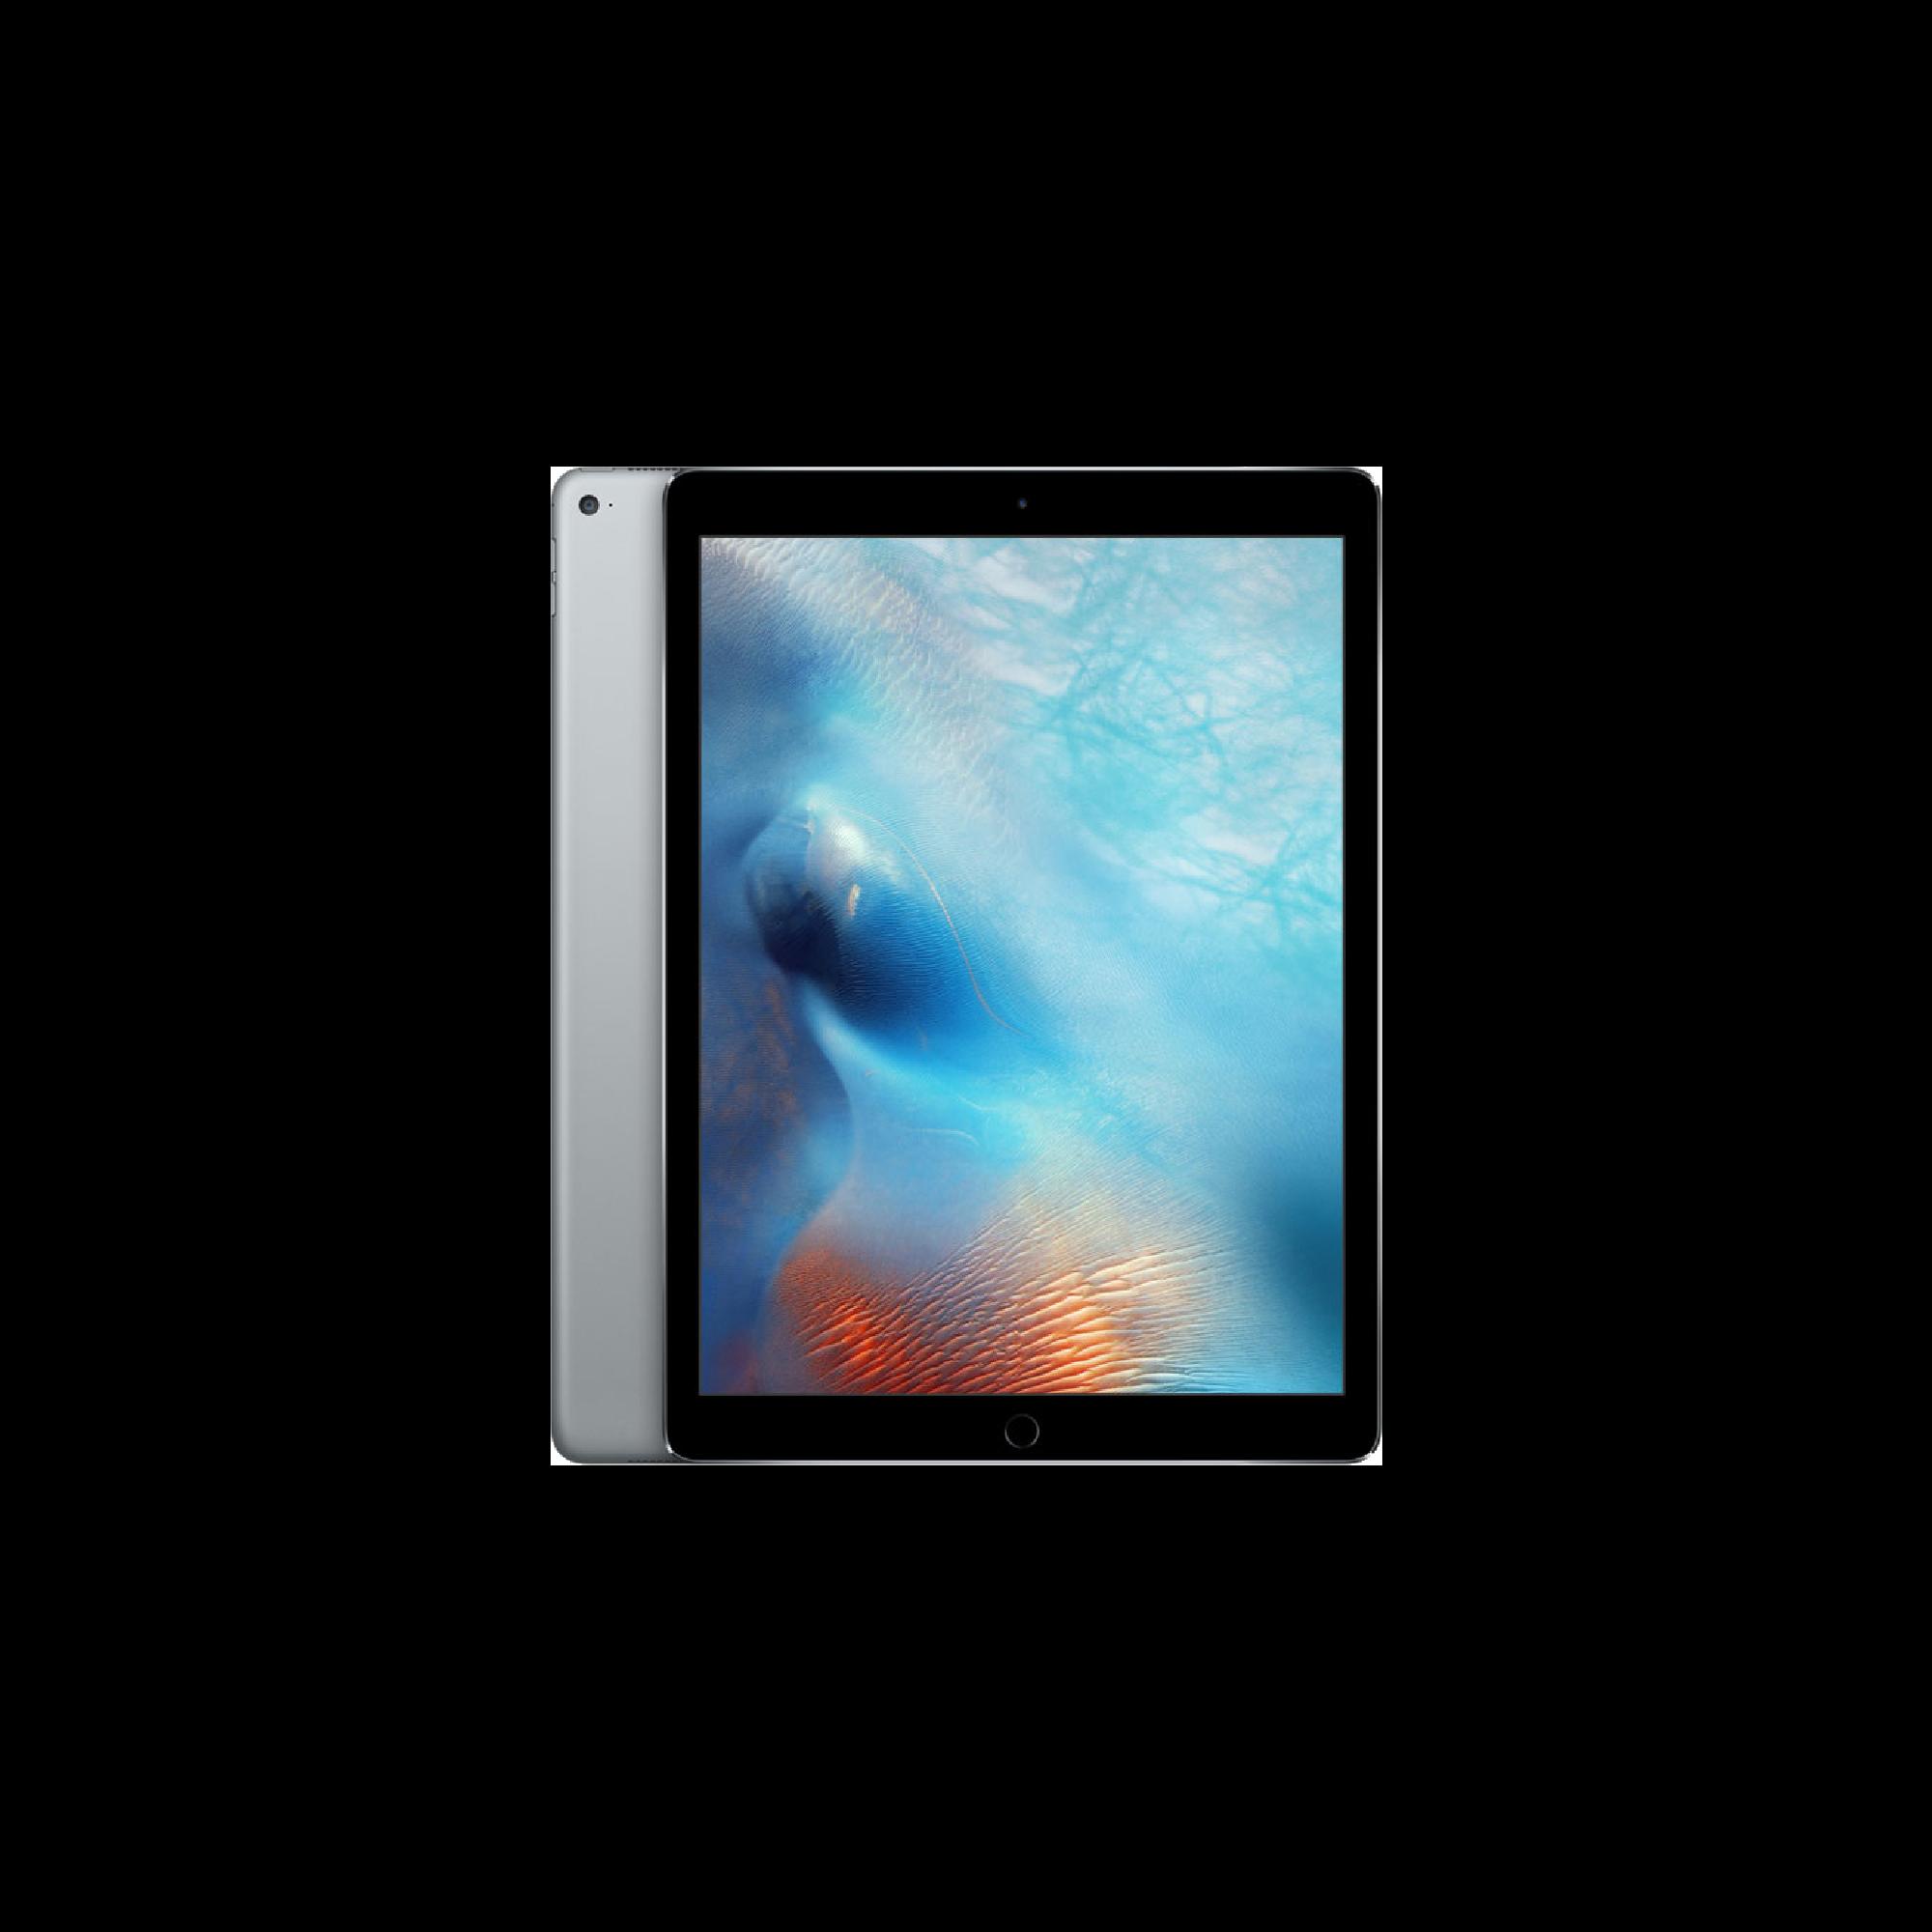 iPad Pro 12.9 1st Gen  | $250 + tax